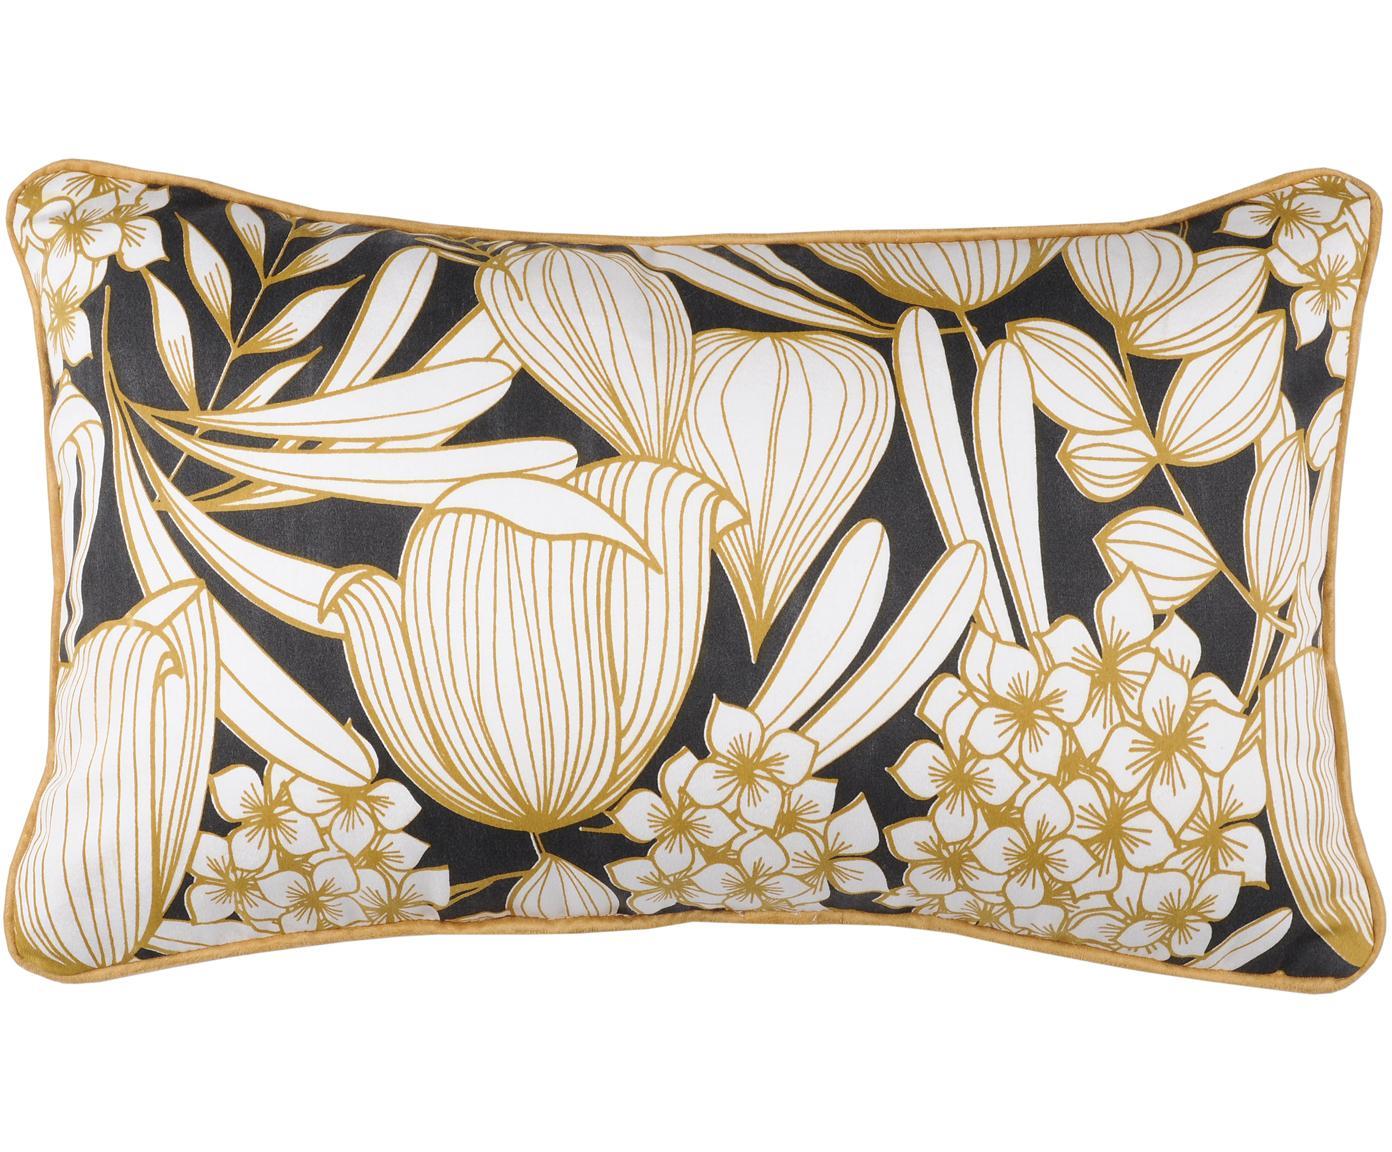 Poduszka z wypełnieniem Ortance, Tapicerka: 50 % bawełna, 50 % polies, Musztardowy, czarny, kremowy, S 30 x D 50 cm